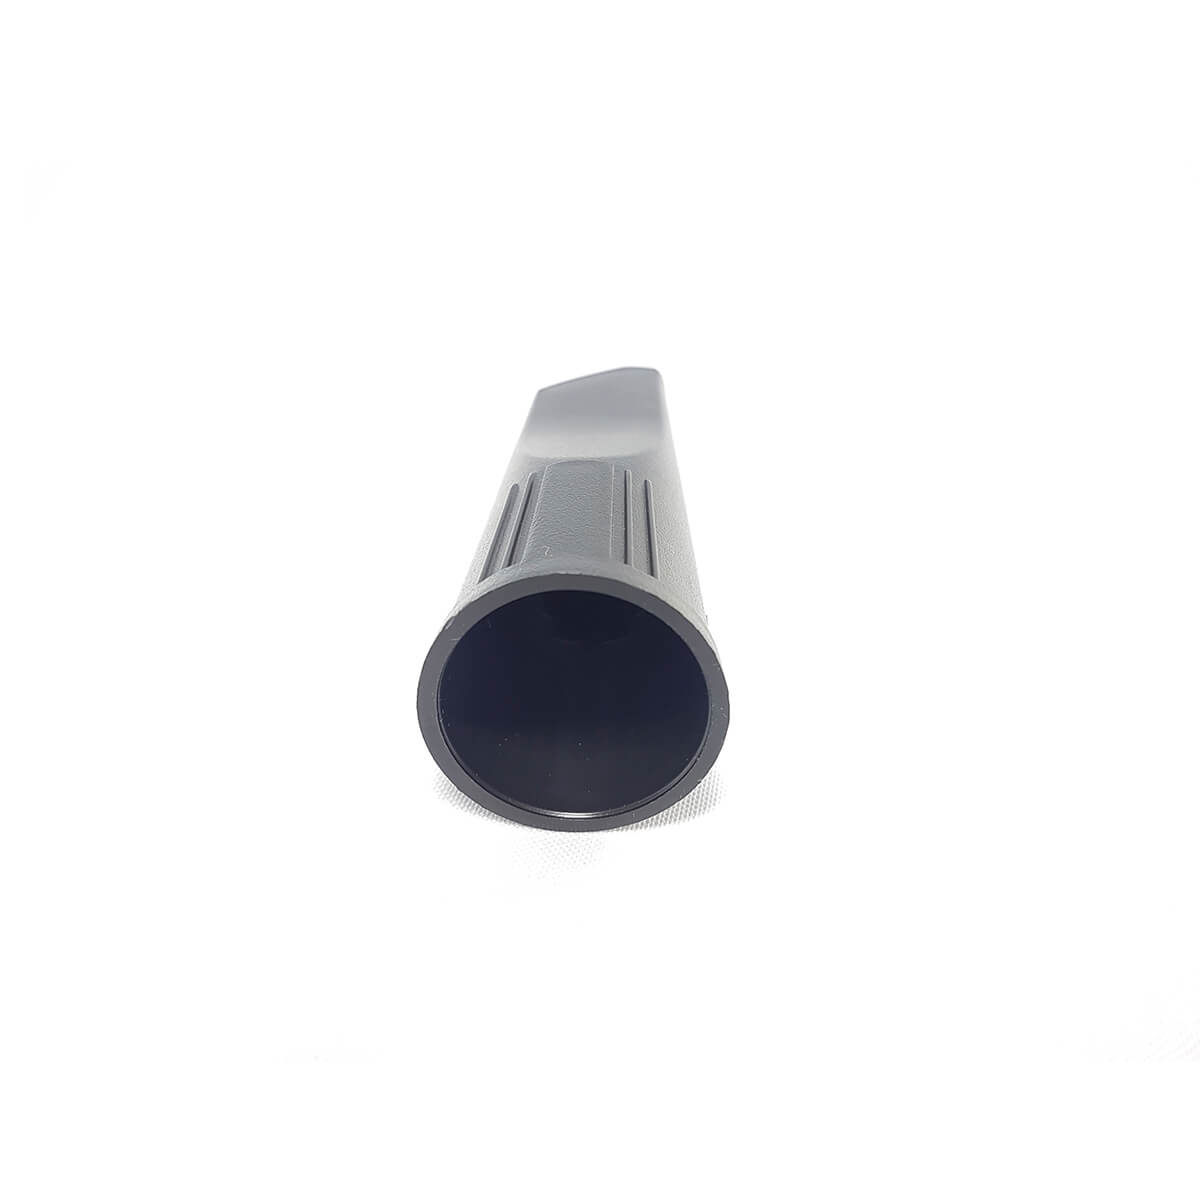 Bico Canto Clario Aspirador Electrolux - A18675601